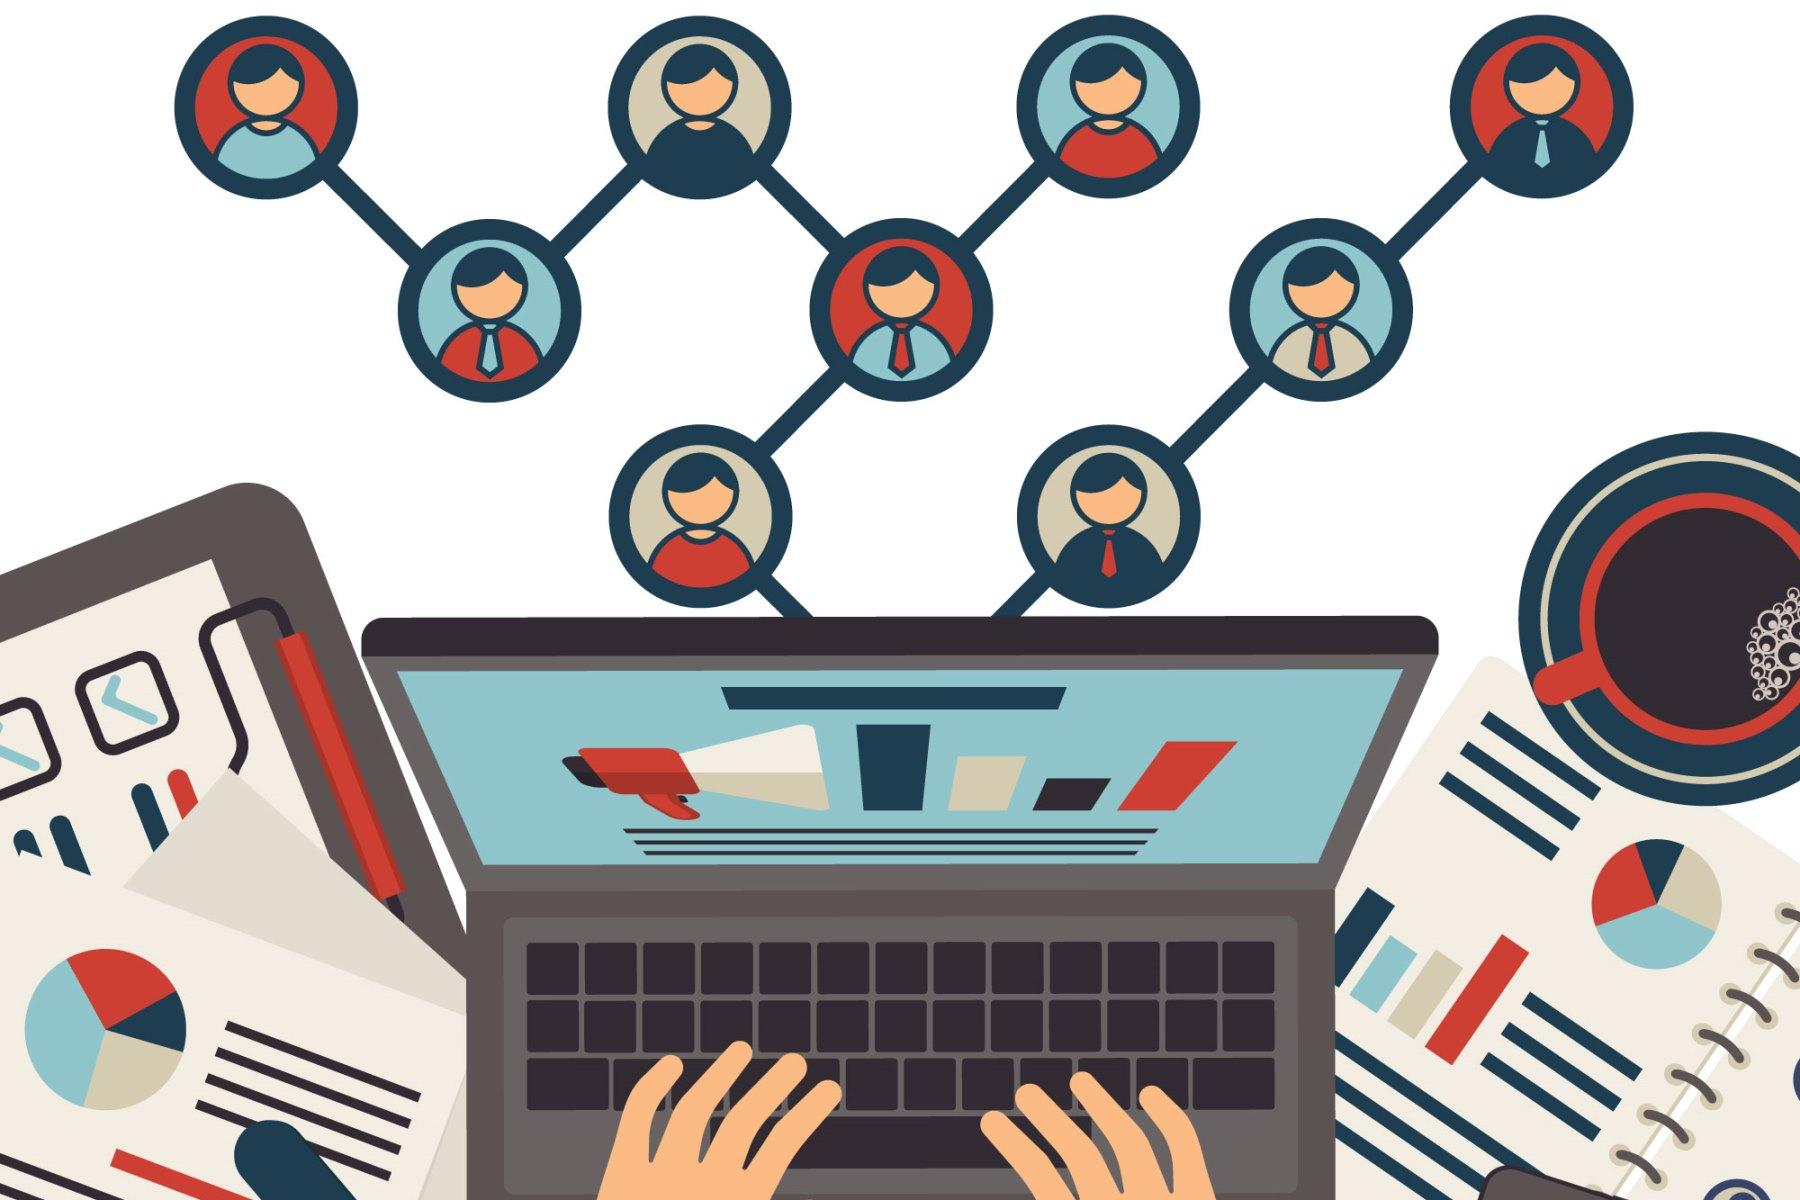 利用數據綁緊消費者 大勢所趨 連續入榜品牌 善用數據力量